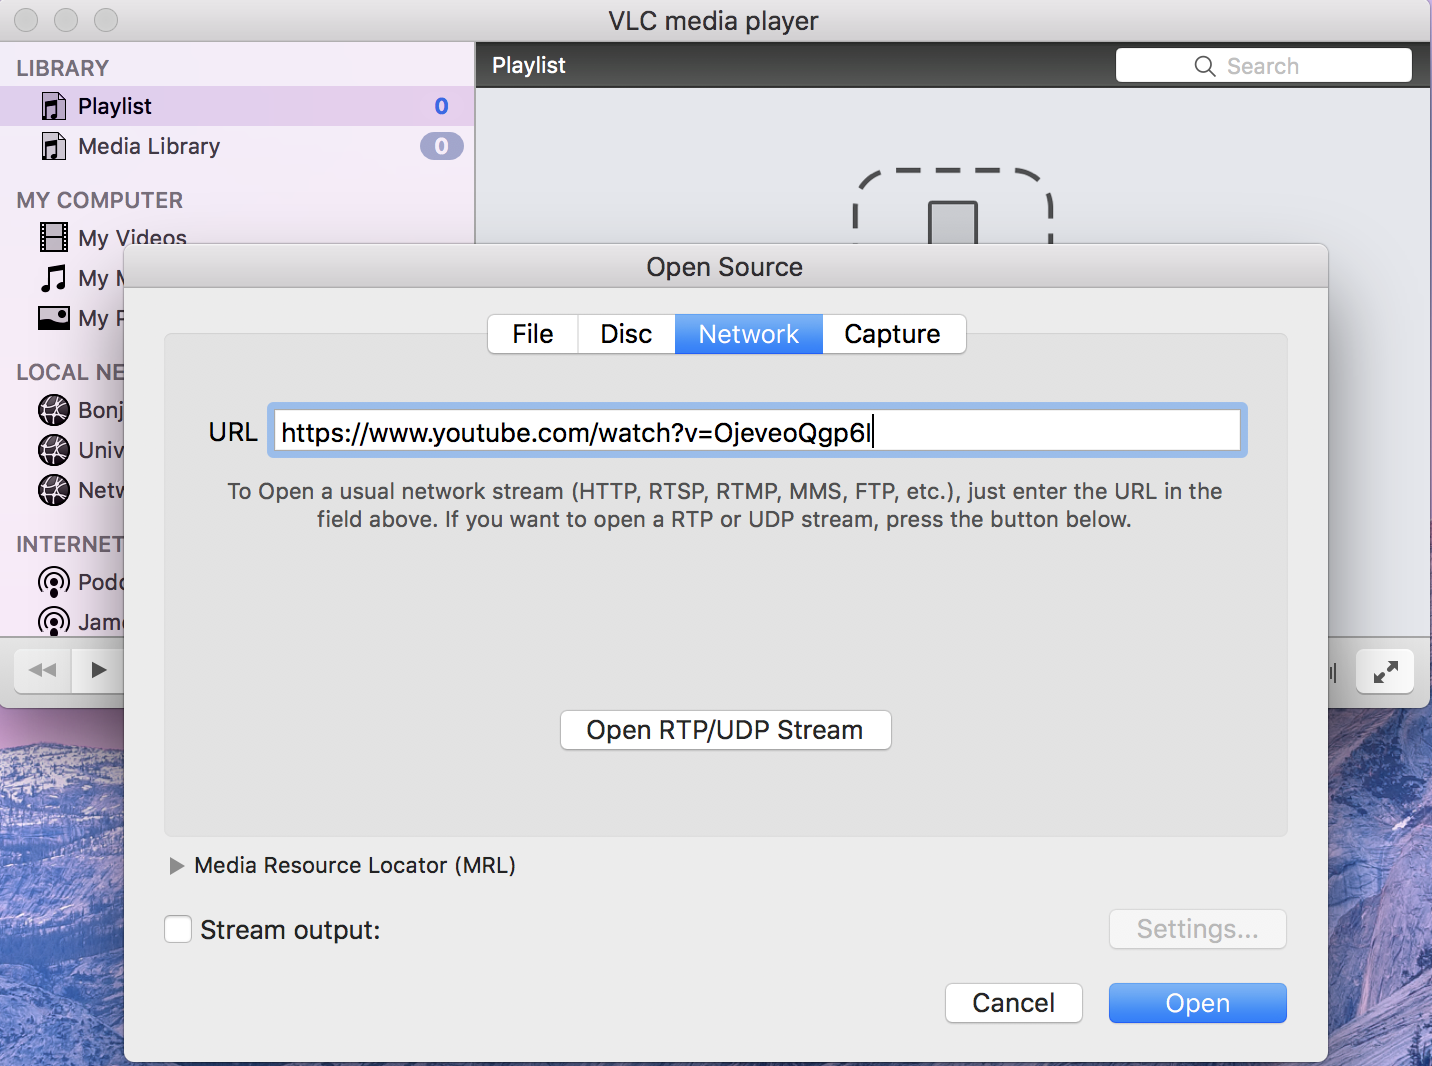 Pegando la URL en el reproductor multimedia VLC para descargar el video de YouTube